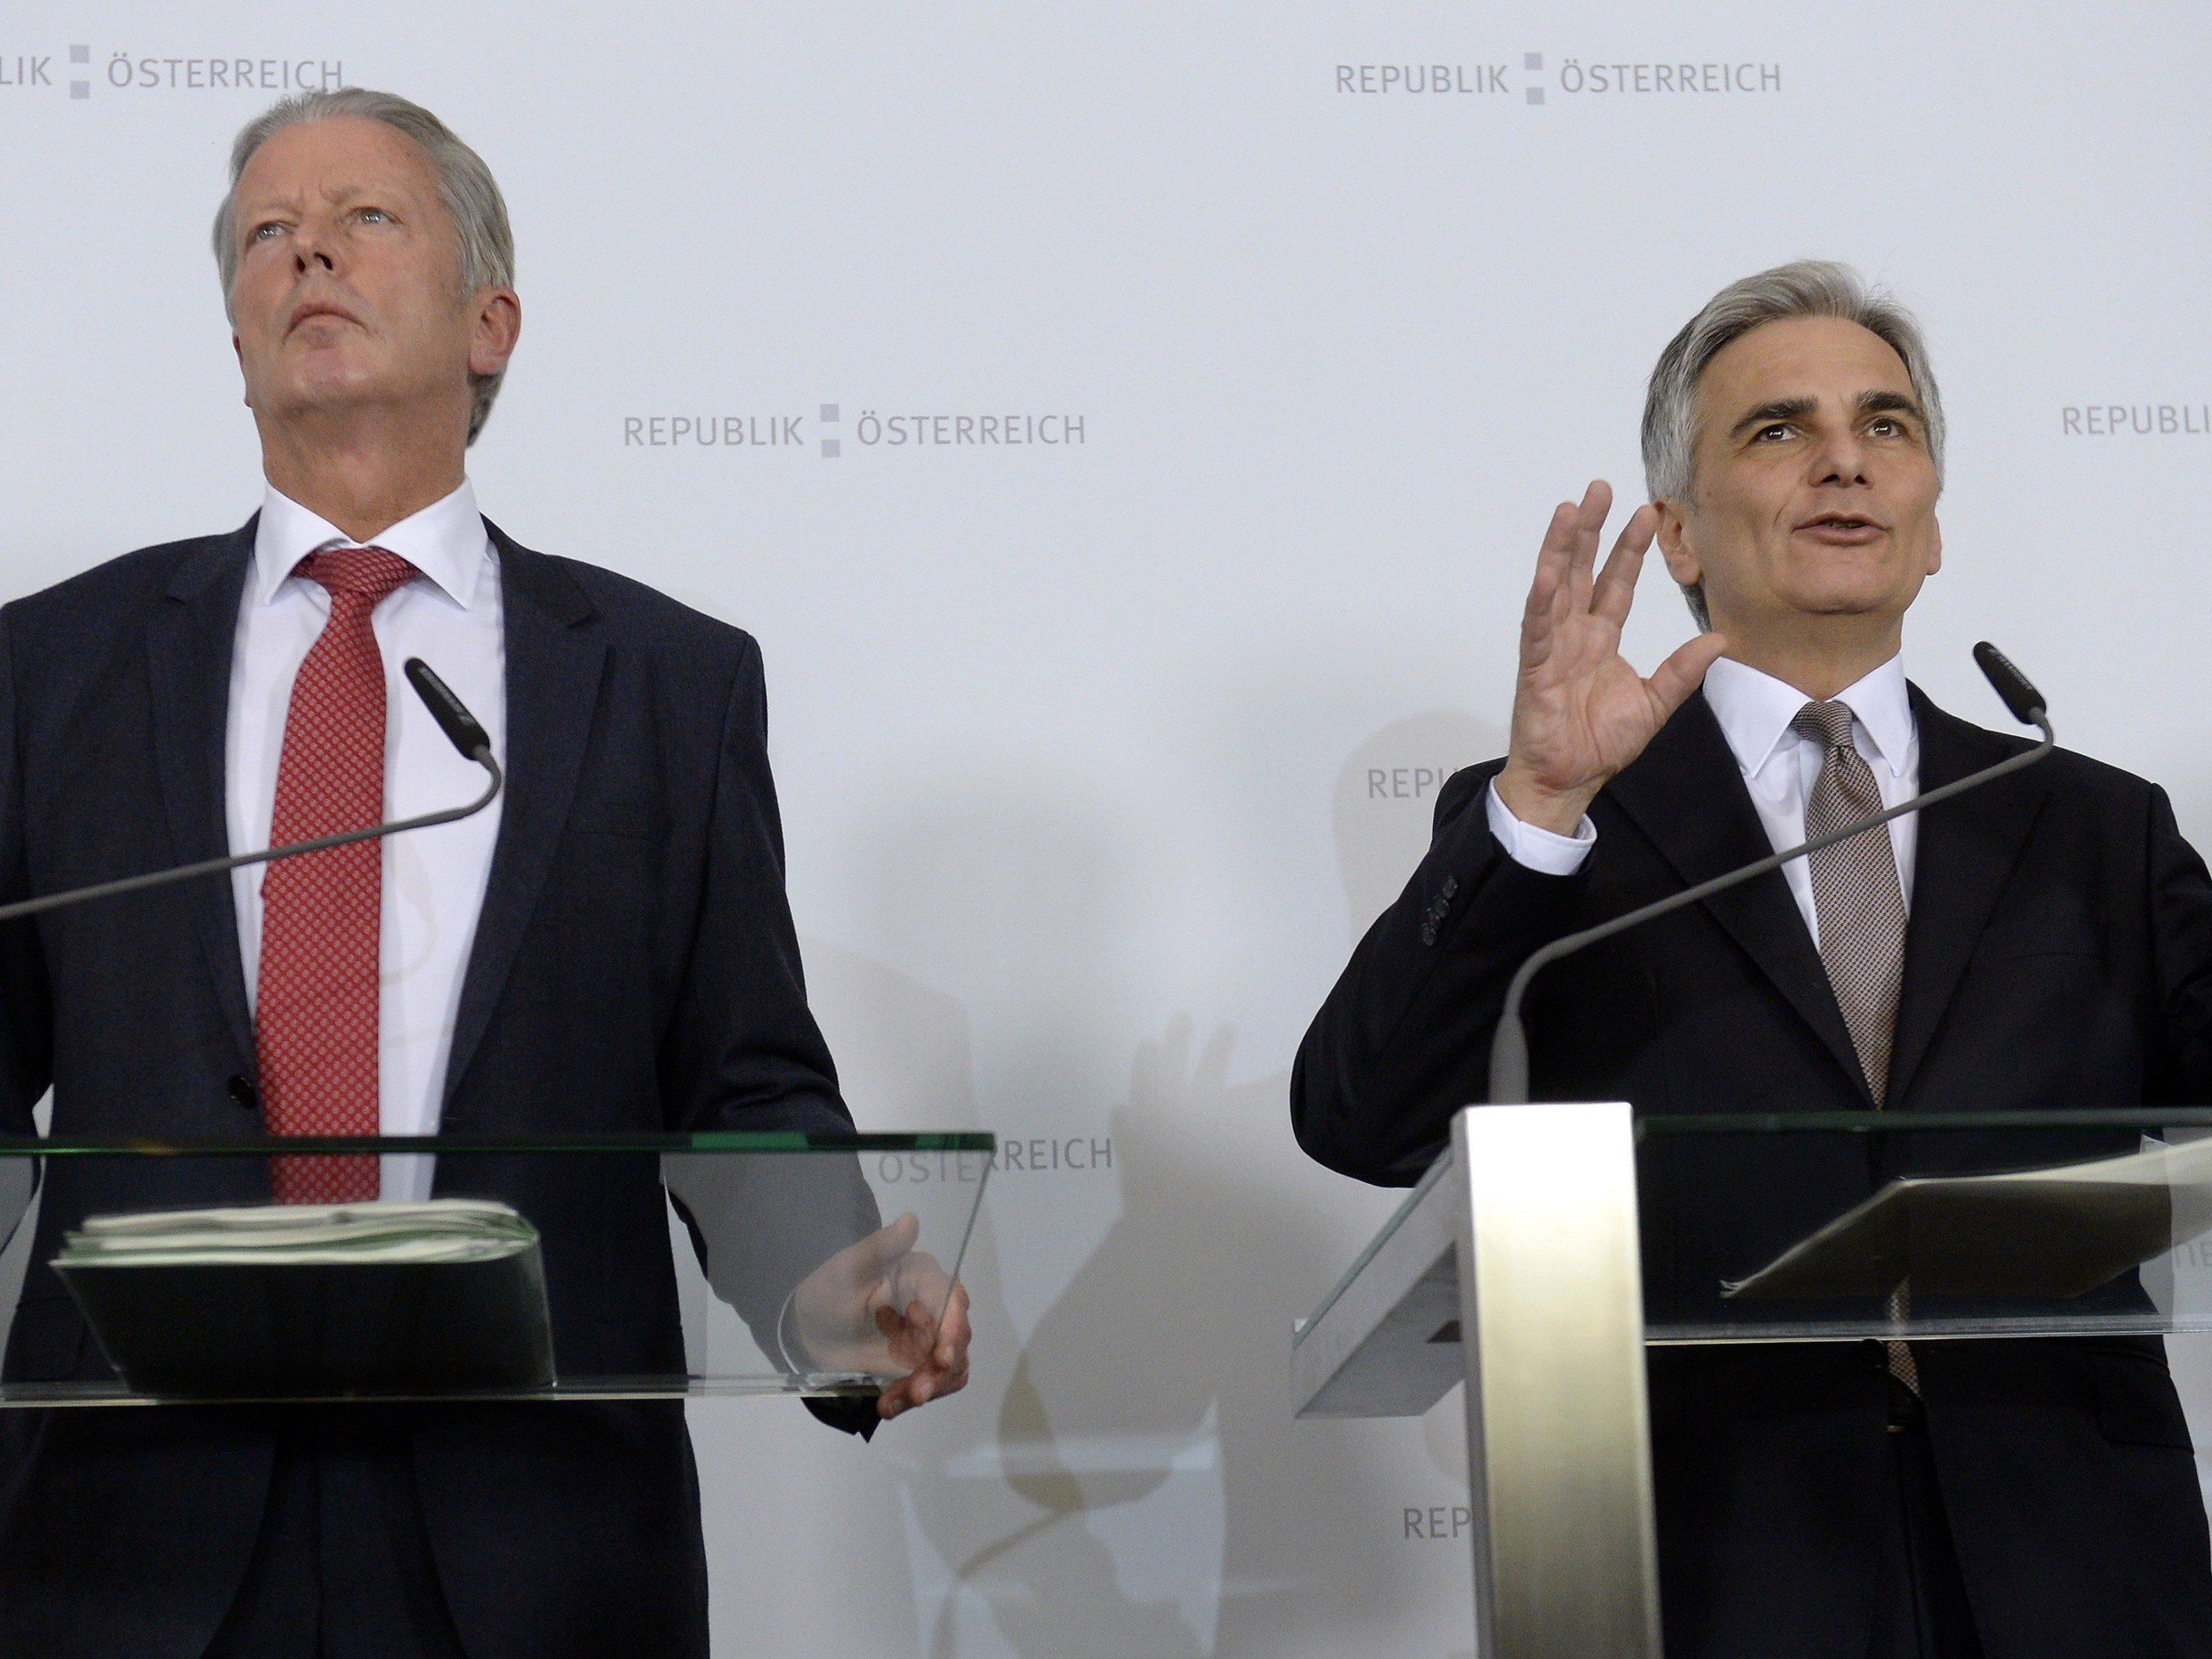 Die Regierung möchte die Konjunktur in Österreich in Schwung bringen.